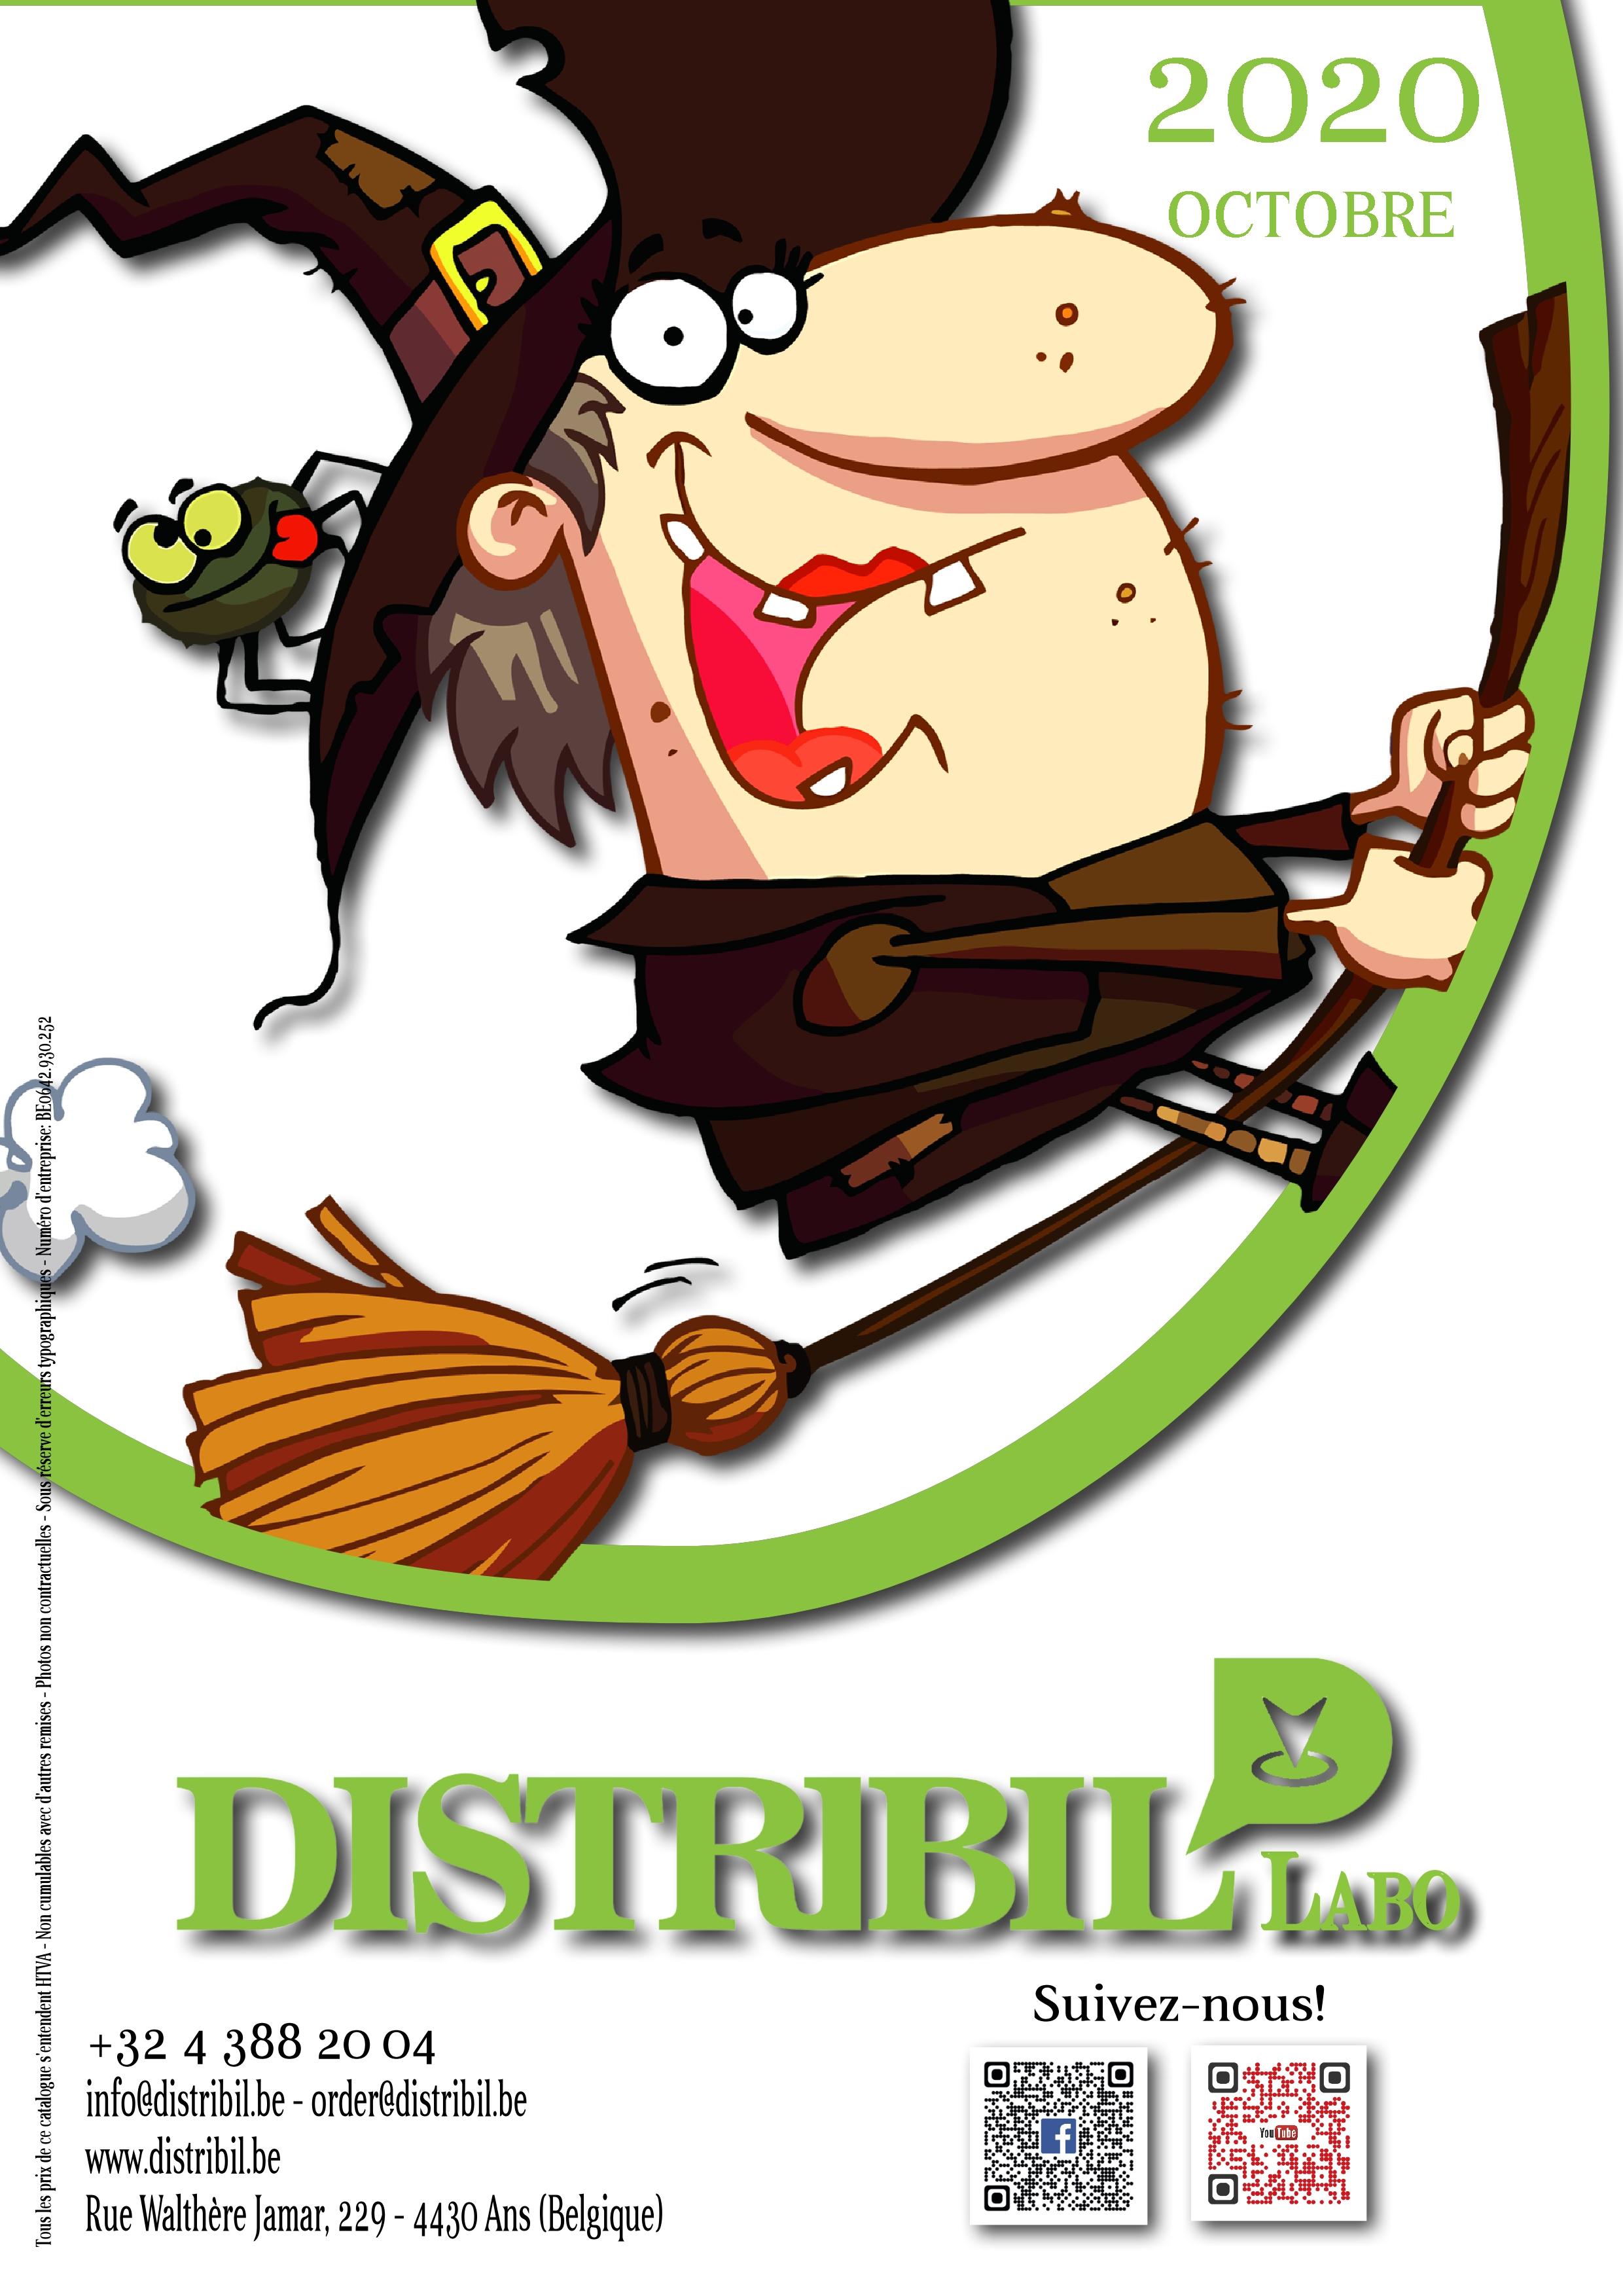 Distrilabo102020.jpg